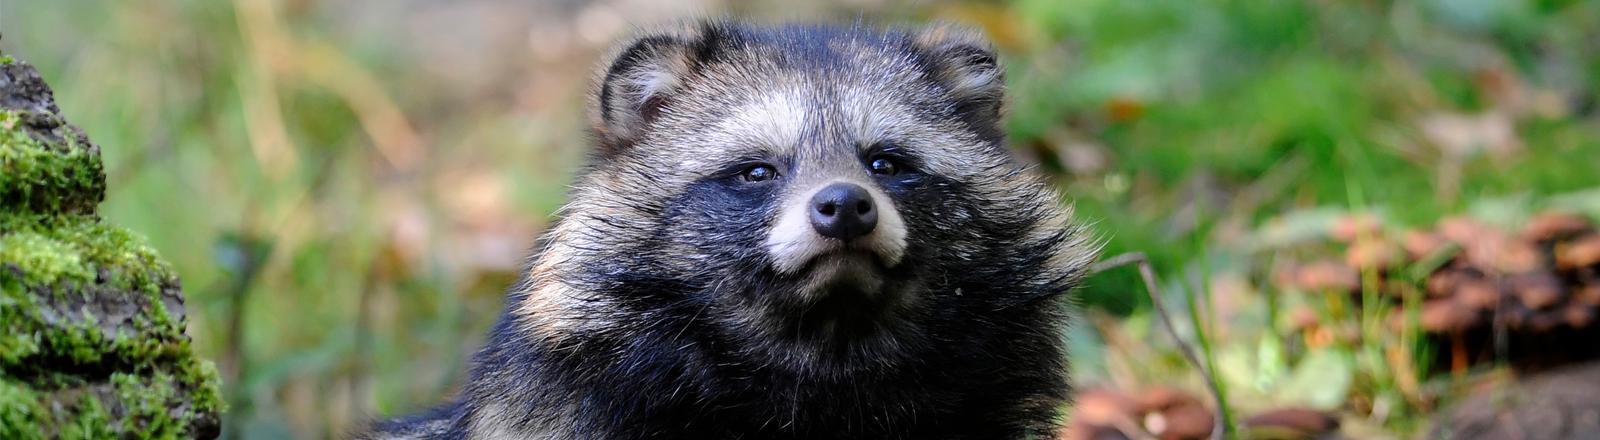 Ein flauschiger Marderhund im Zoo